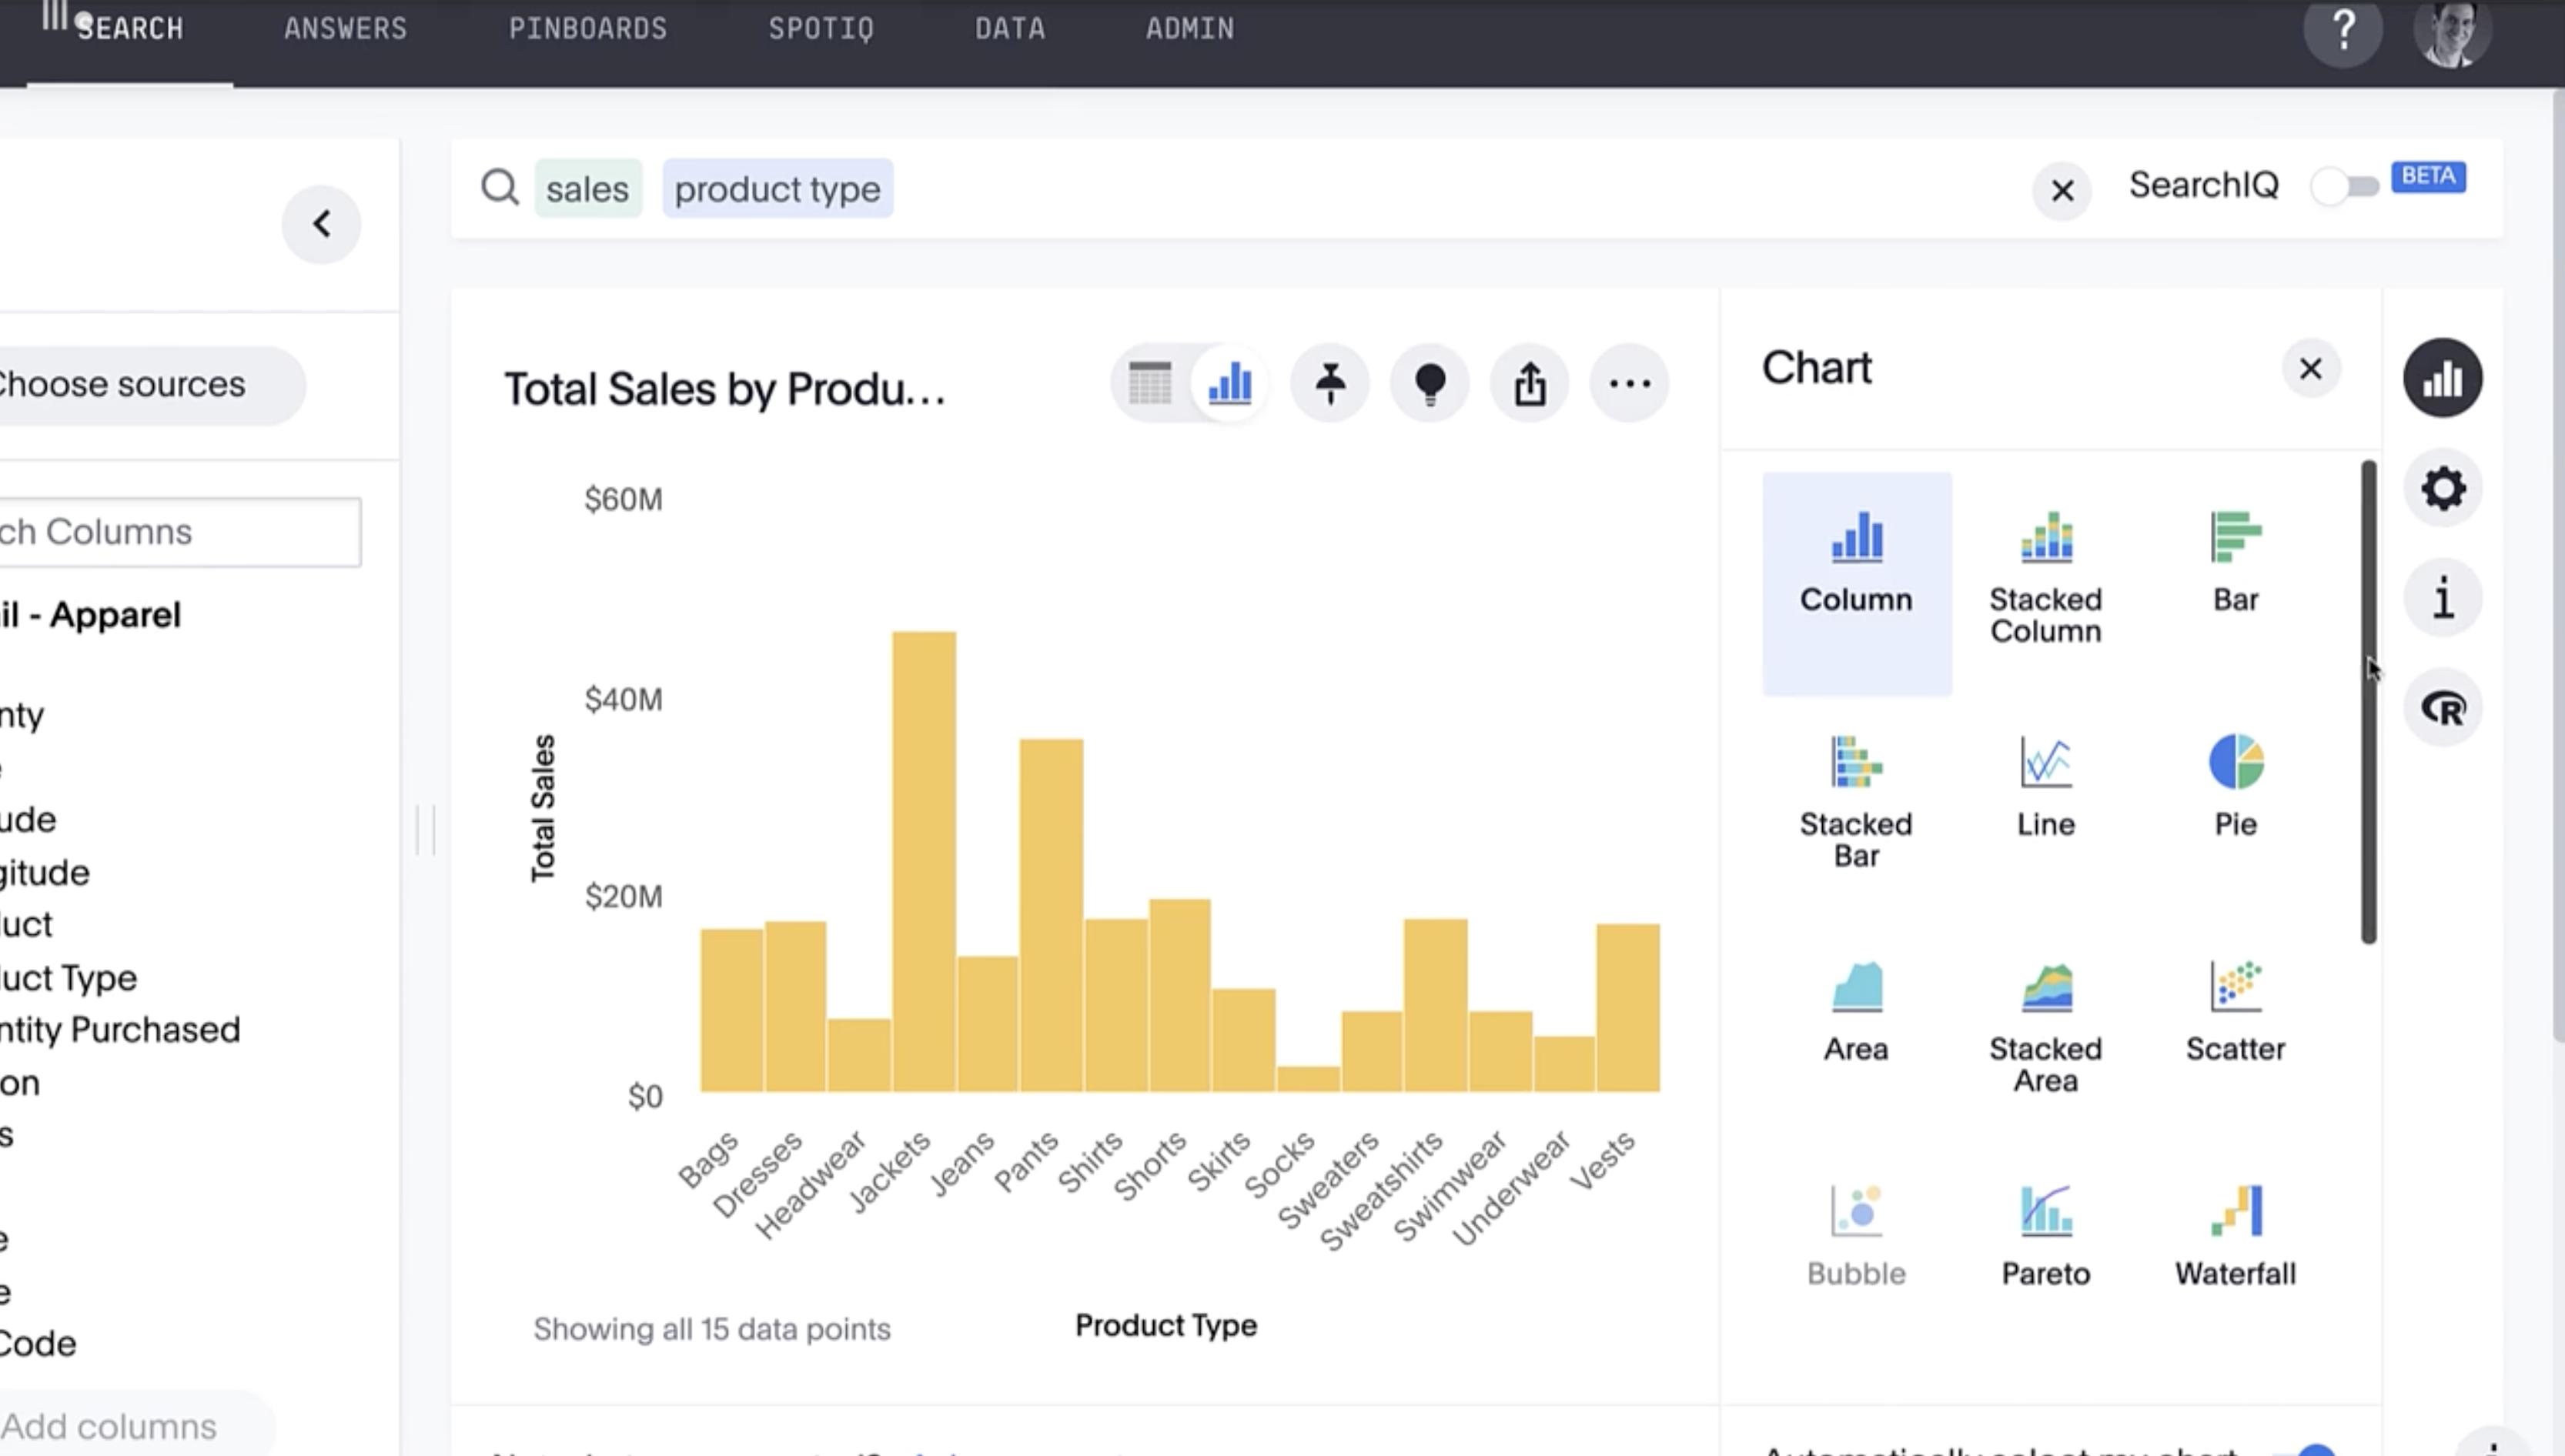 Customizing Visualizations & Charts